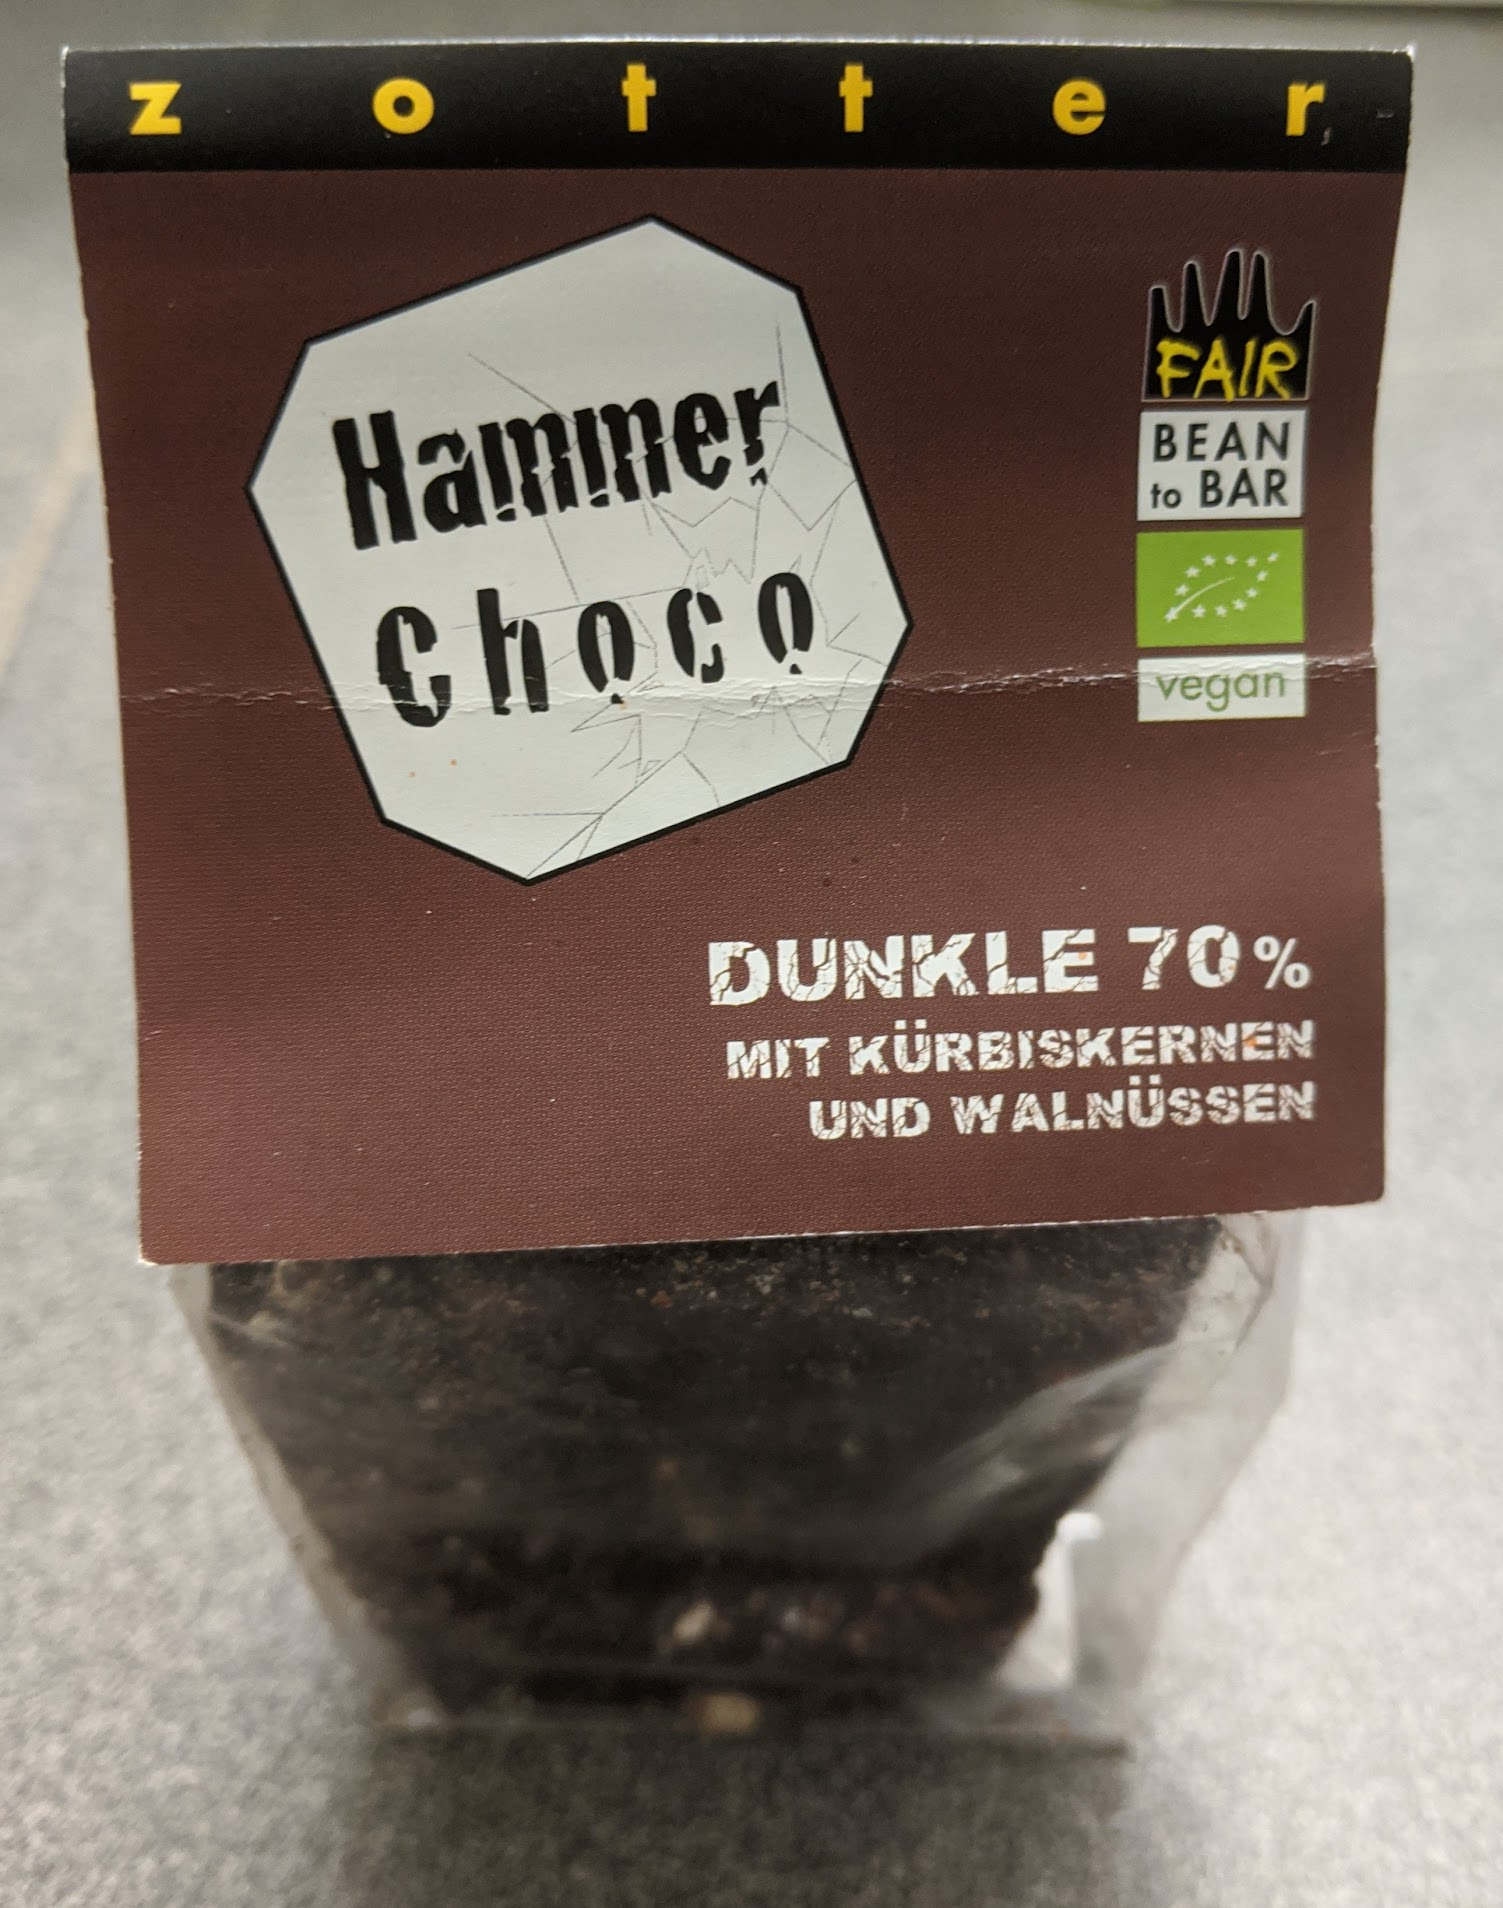 70% zotter hammer choco